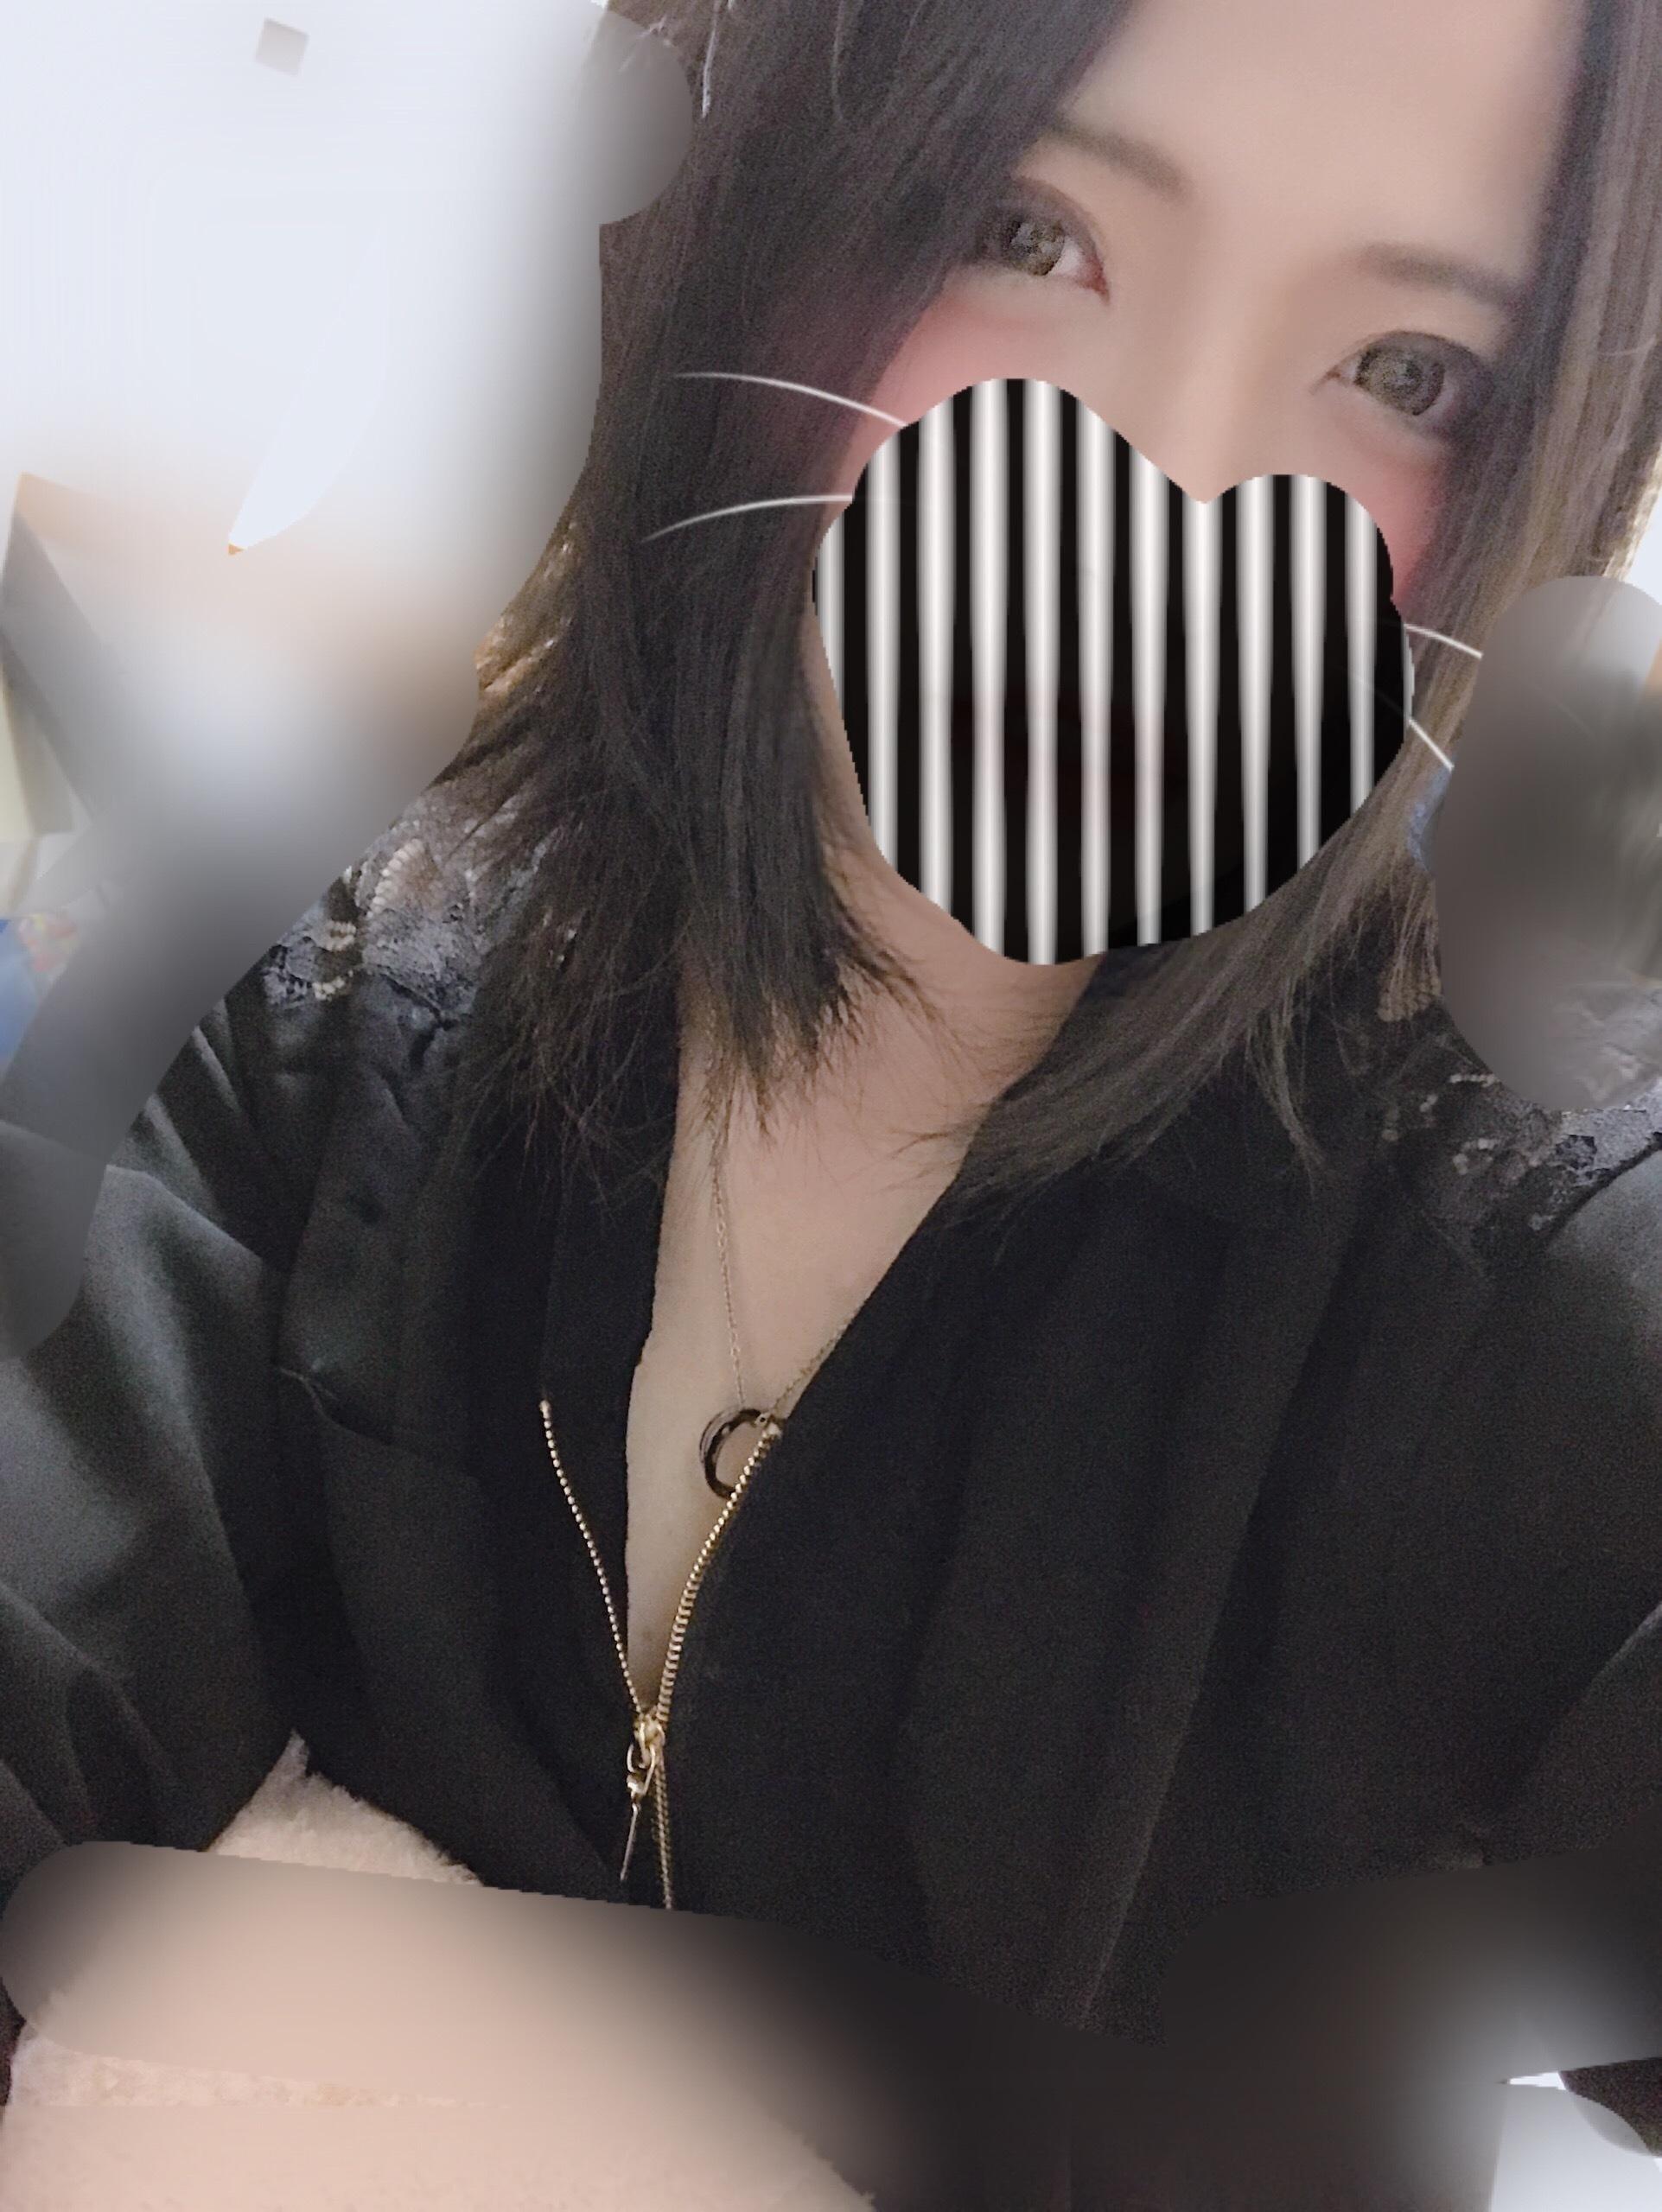 「お久しぶりです( ?????? )」09/16(09/16) 12:40 | らいの写メ・風俗動画